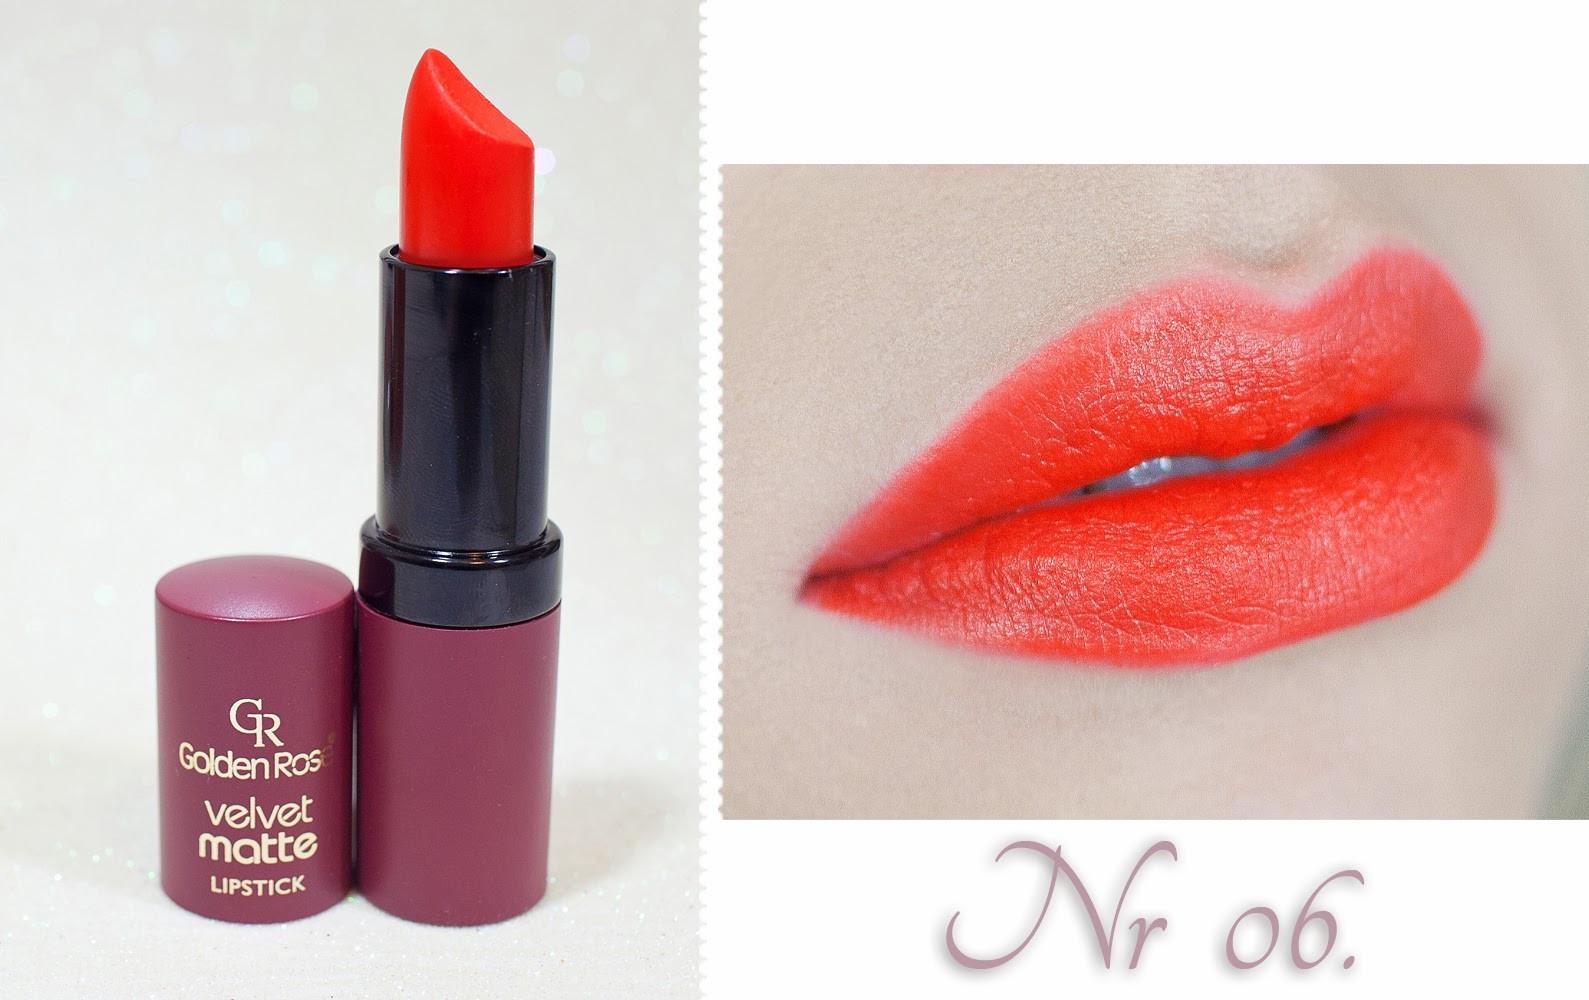 Golden Rose Velvet Matte Lipstick No 12 Lipstutorialorg